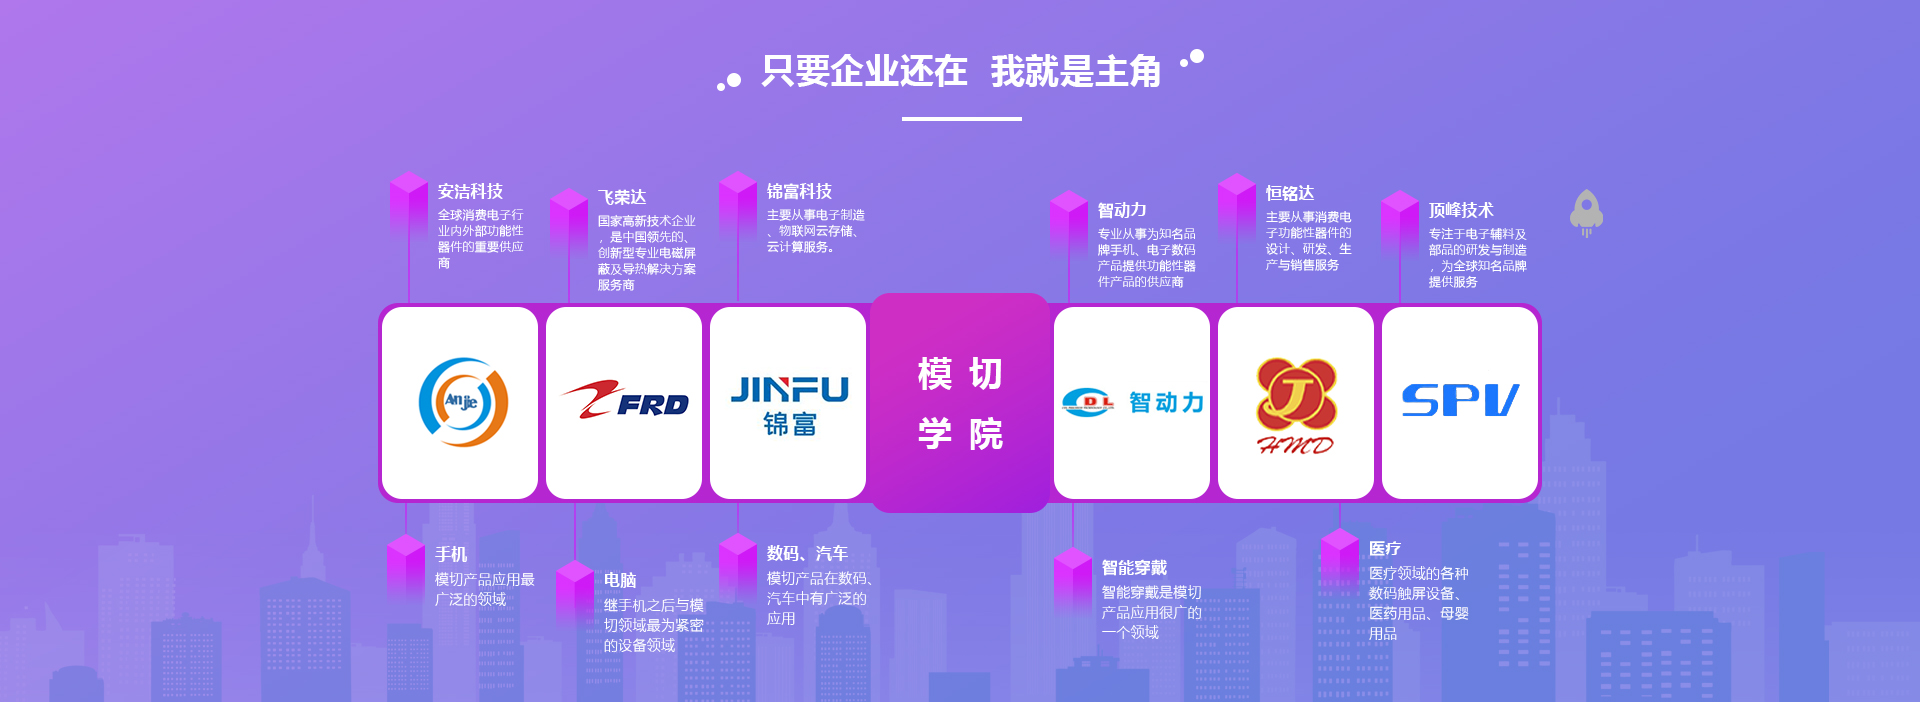 龙8国际客户端学院